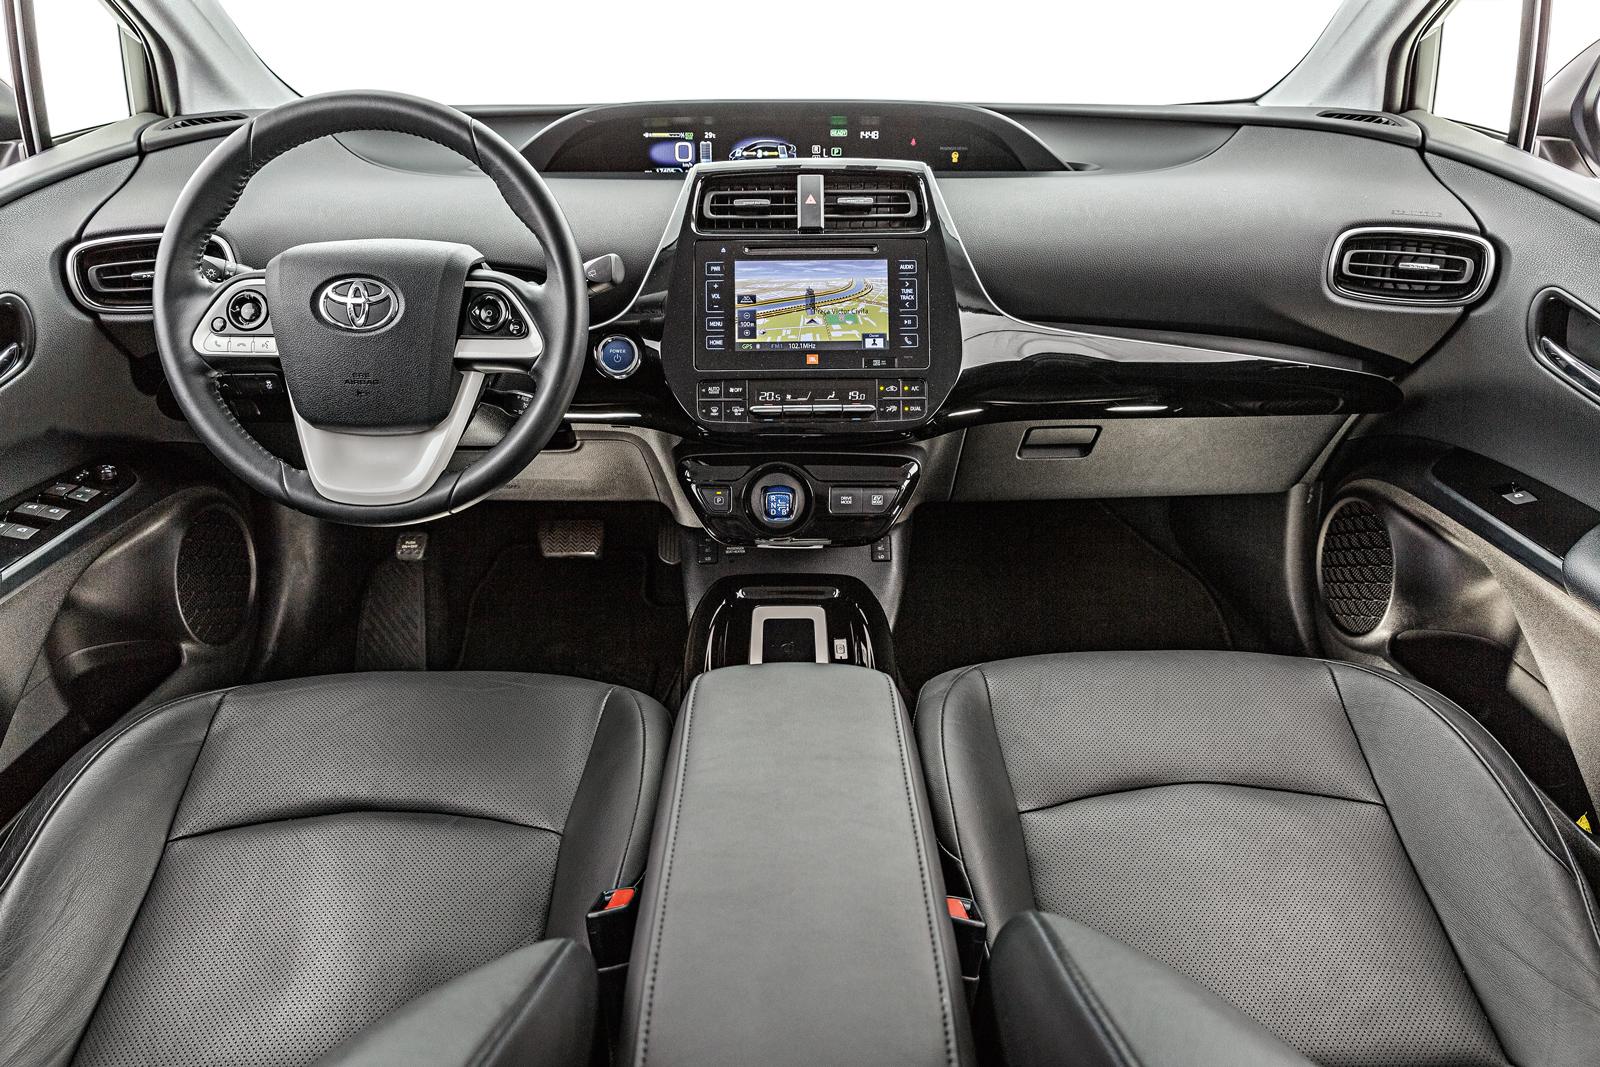 Cabine do Prius não disfarça a ousadia do lado de fora